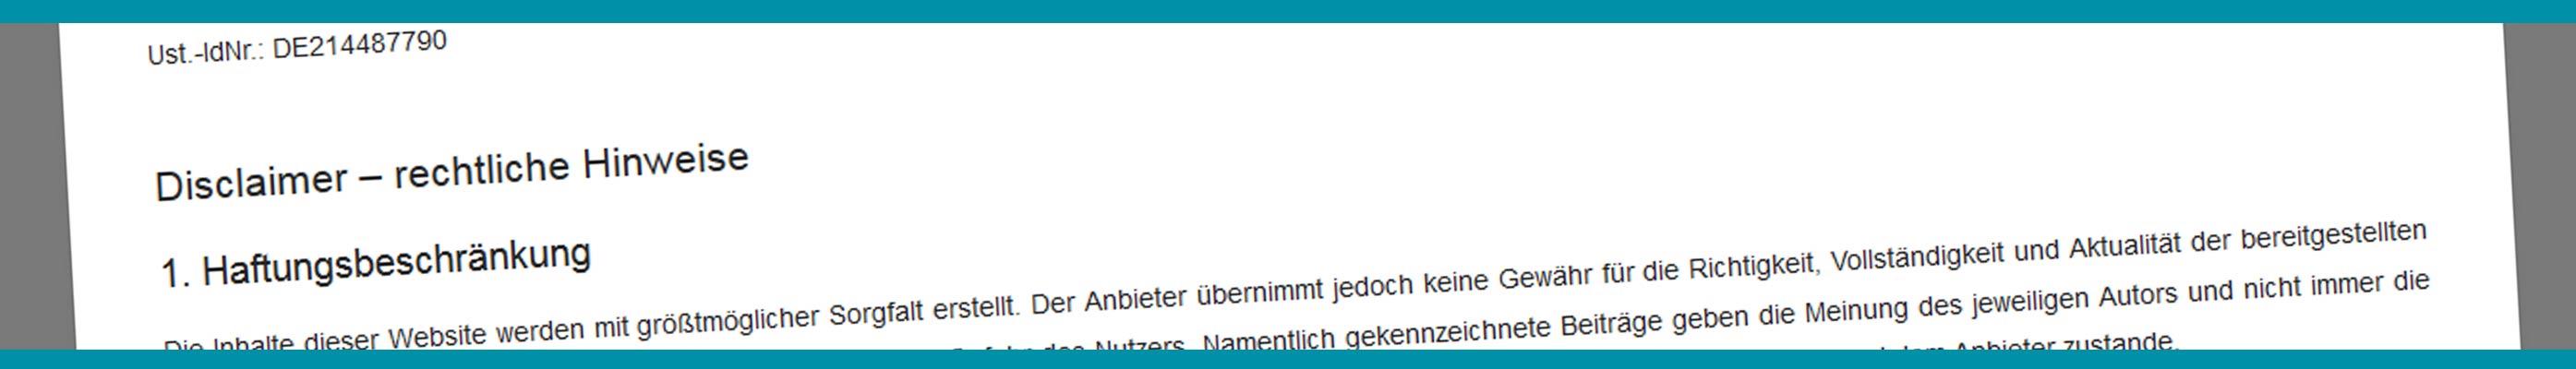 Impressum Firtz Reusch GmbH